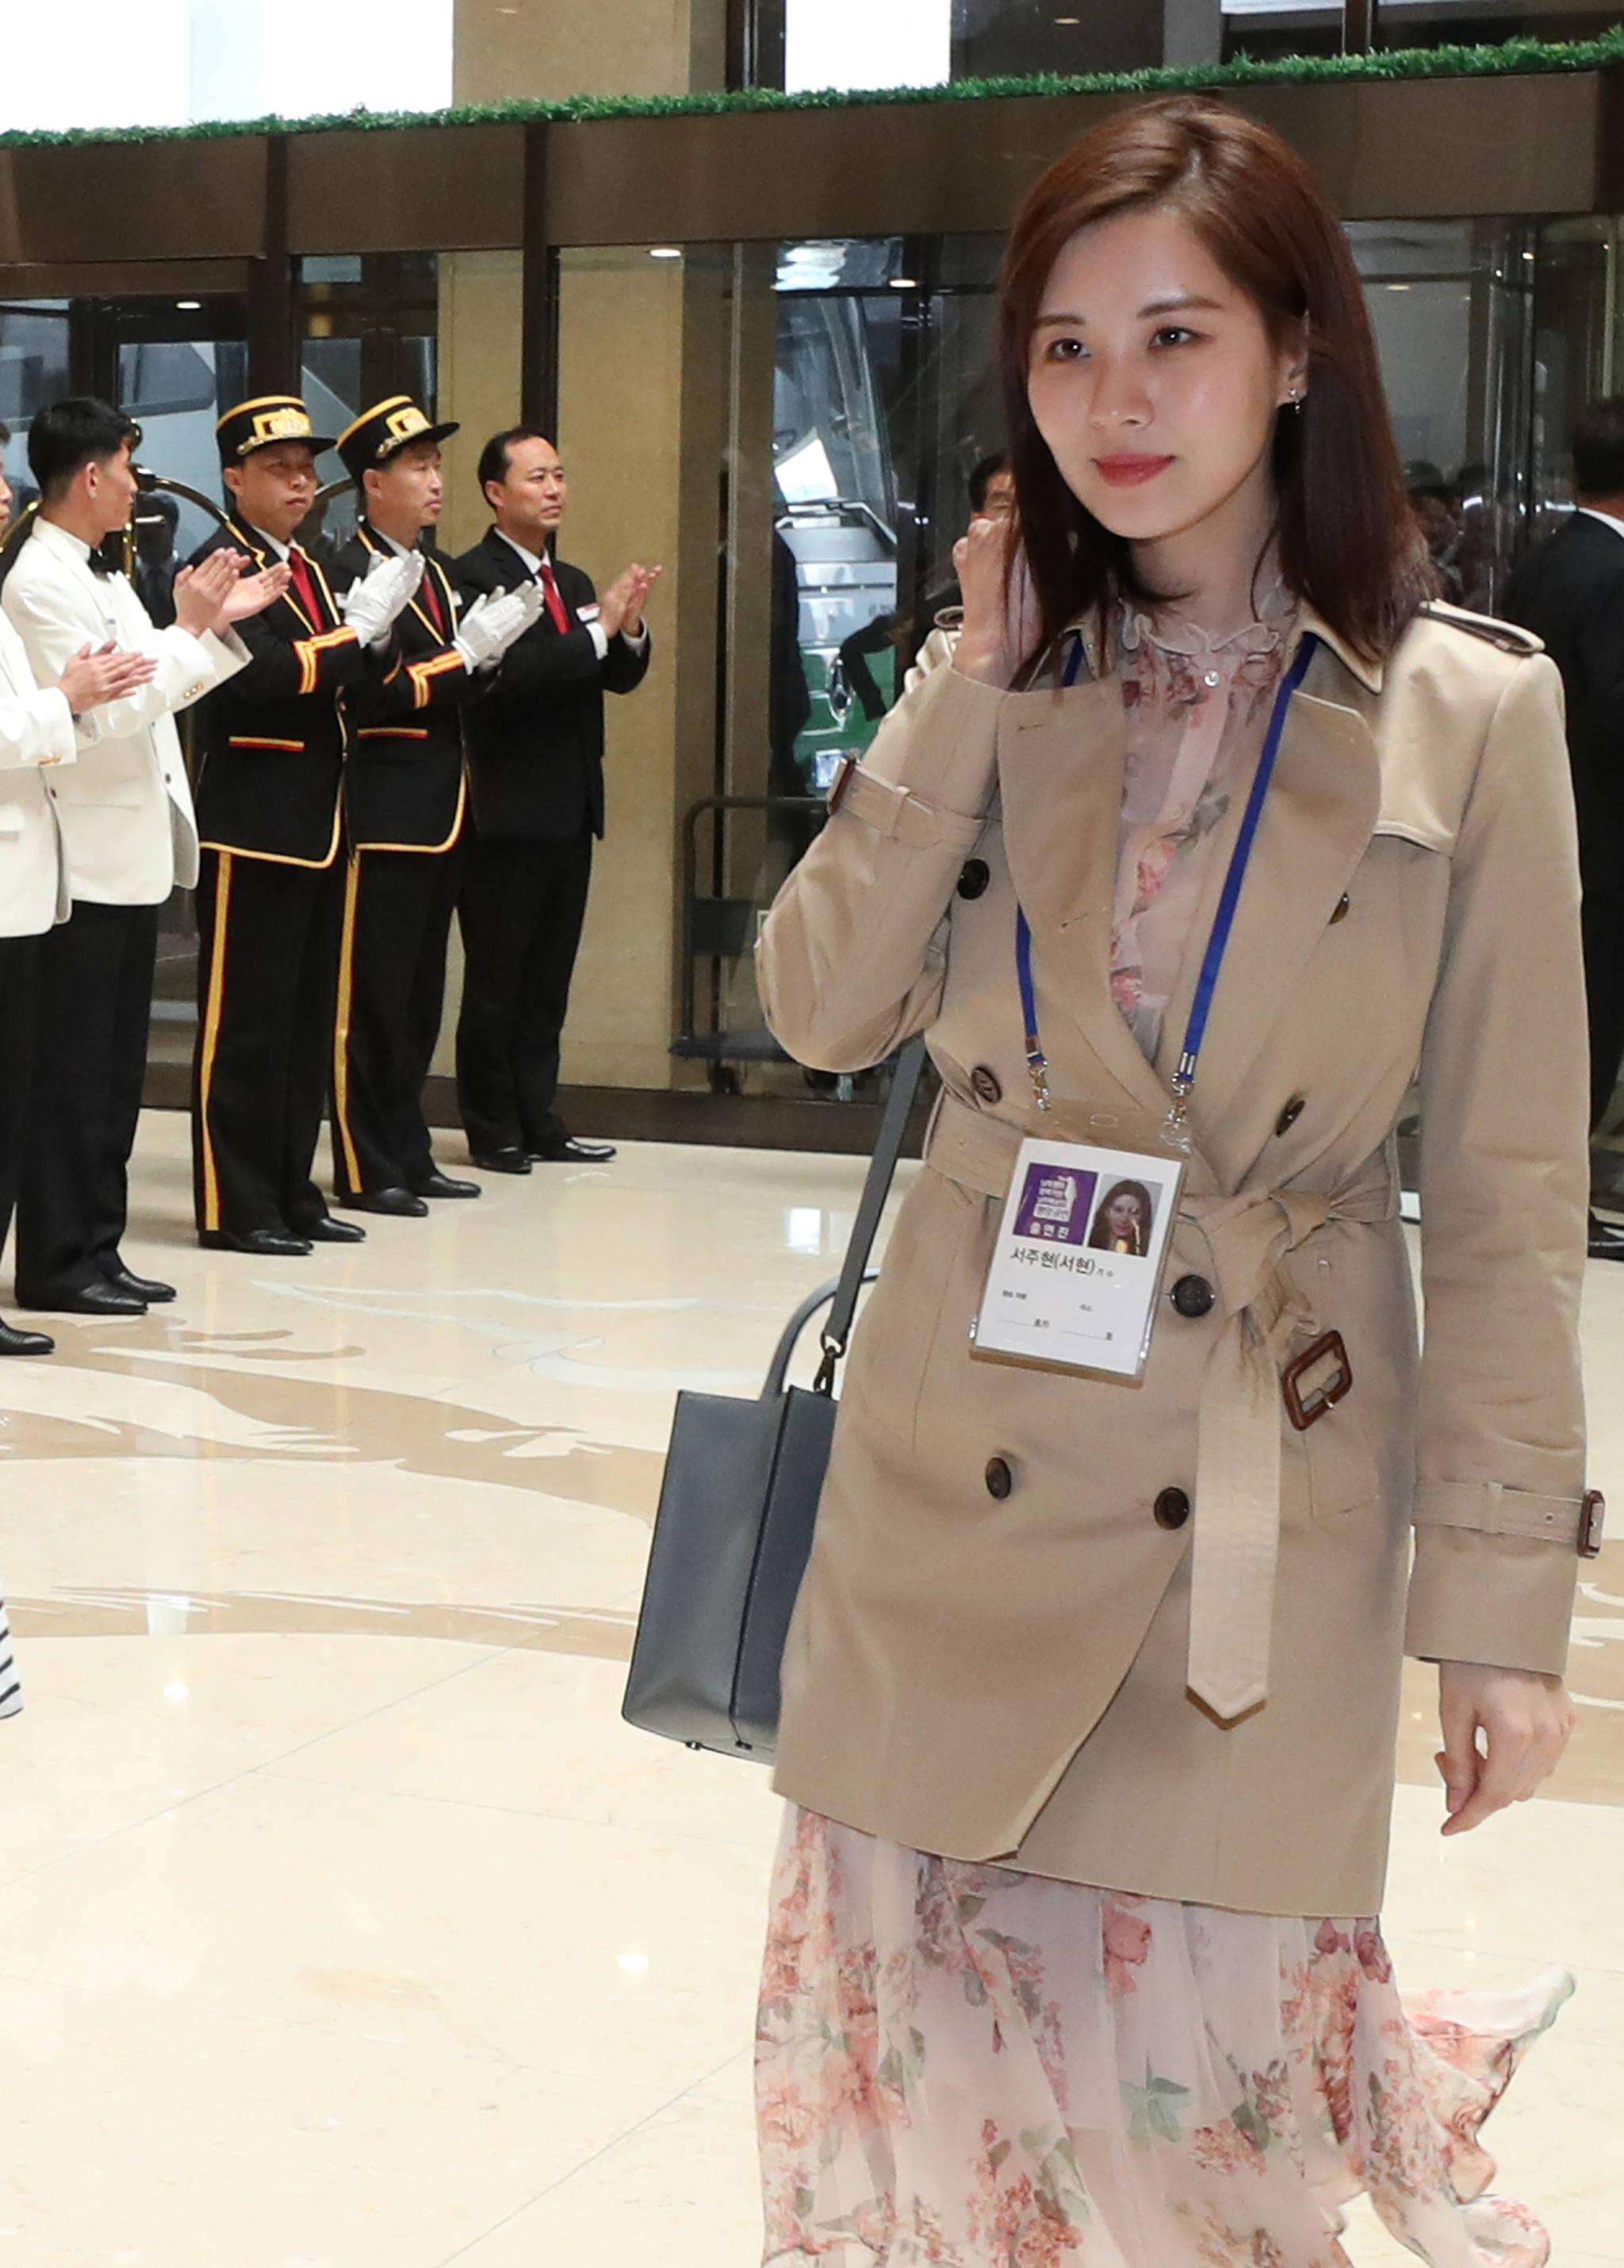 남북평화 협력기원 남측예술단 일원인 서현이 31일 오후 평양 고려호텔에 도착, 직원들의 환영을 받고 있다. [사진공동취재단=연합뉴스]